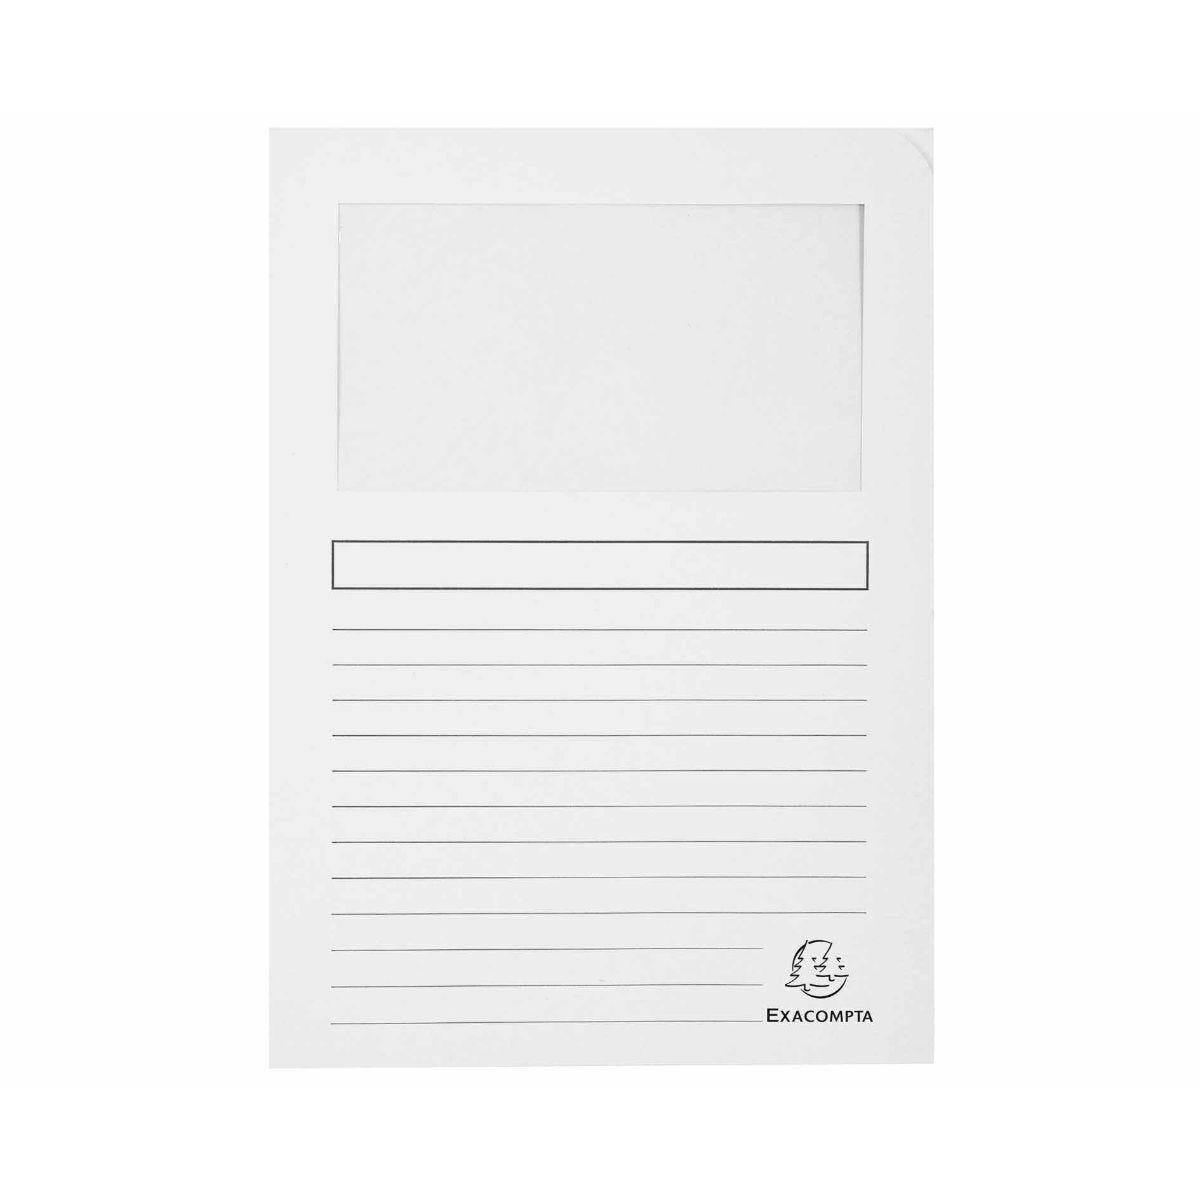 Exacompta Forever Window Folders A4 4 Packs of 100 White